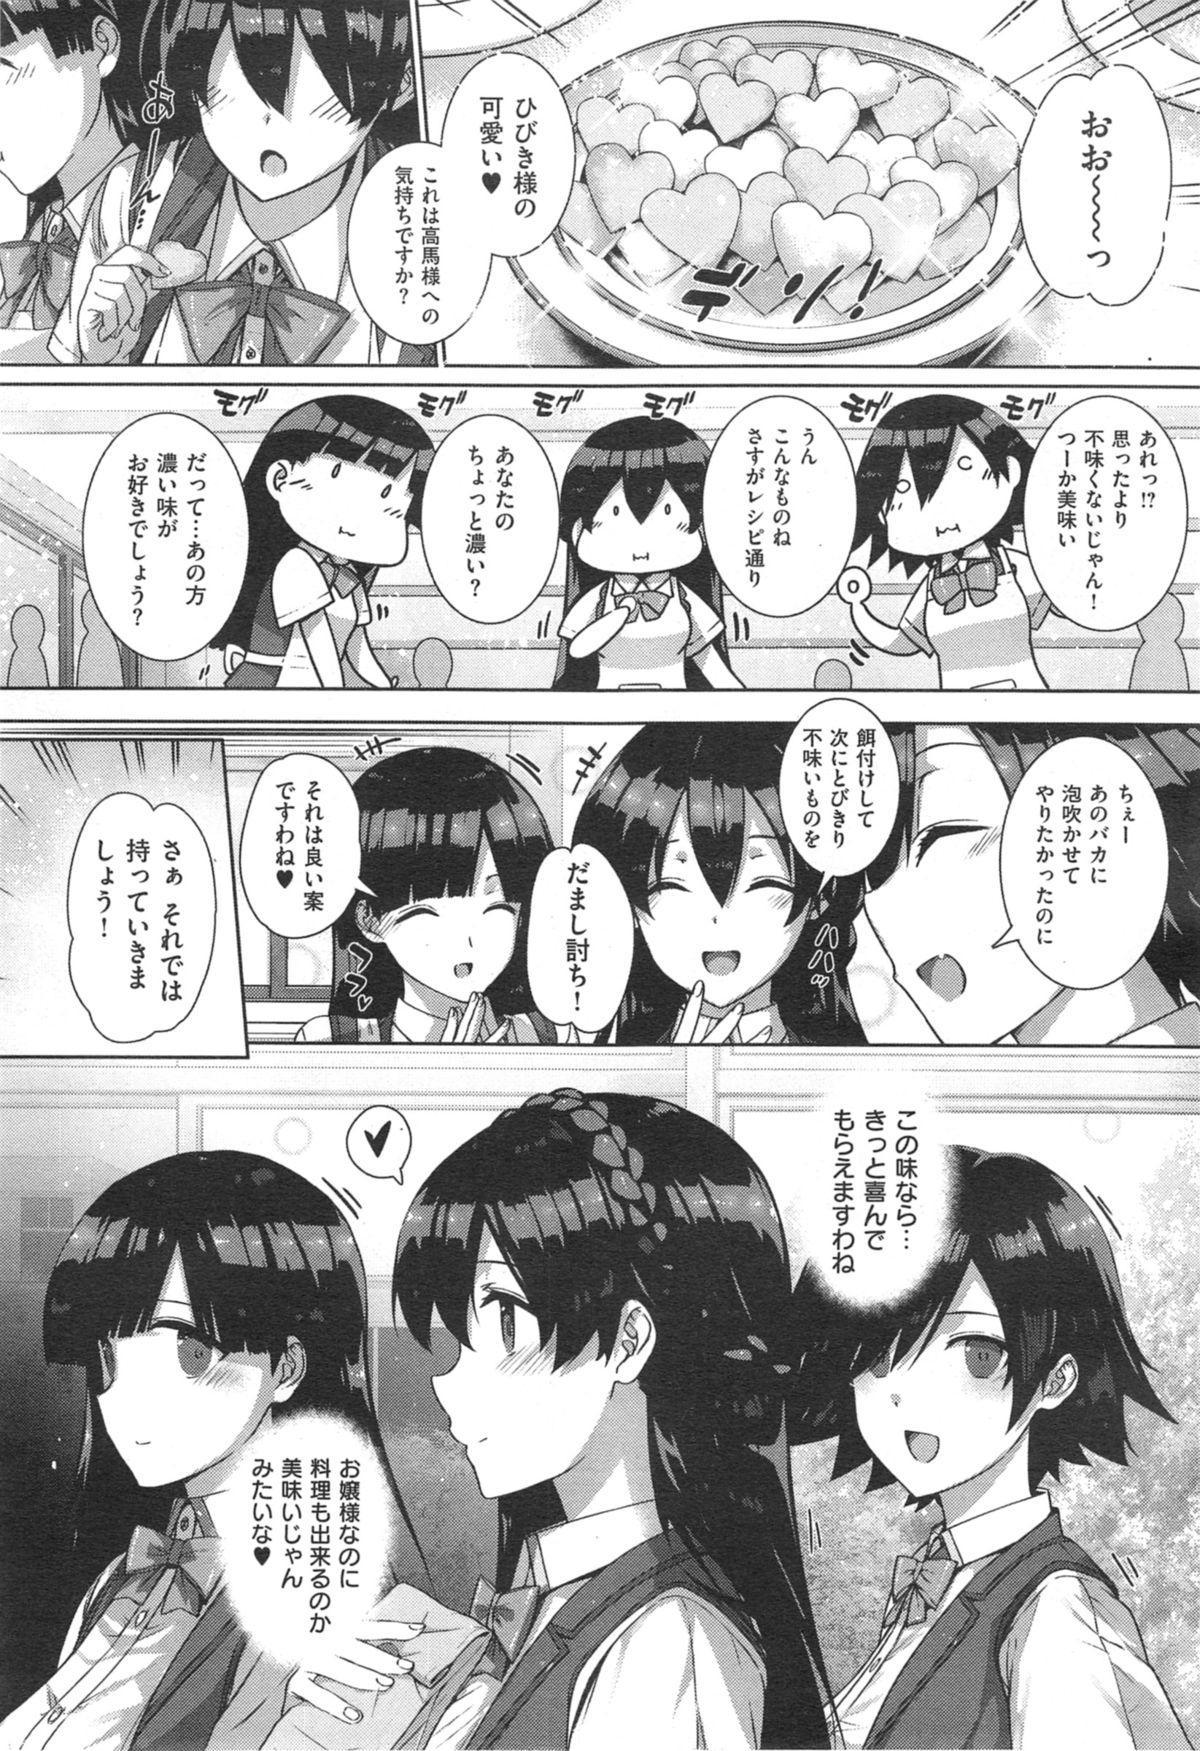 shiramine hibiki no ryoukannisshi 37